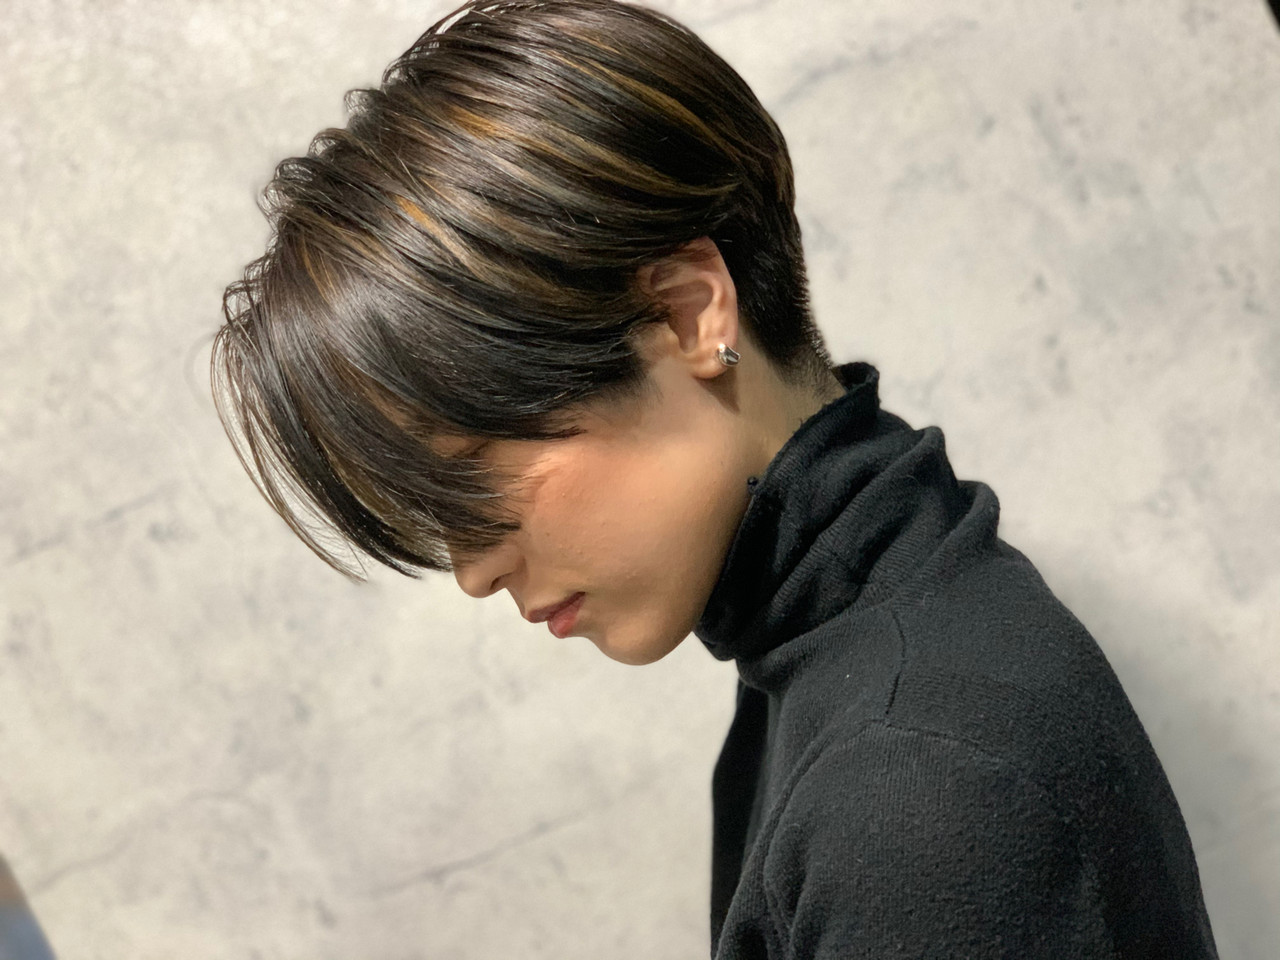 モード ショートボブ 極細ハイライト ハンサムショート ヘアスタイルや髪型の写真・画像 | 原田 和幸 / TELA